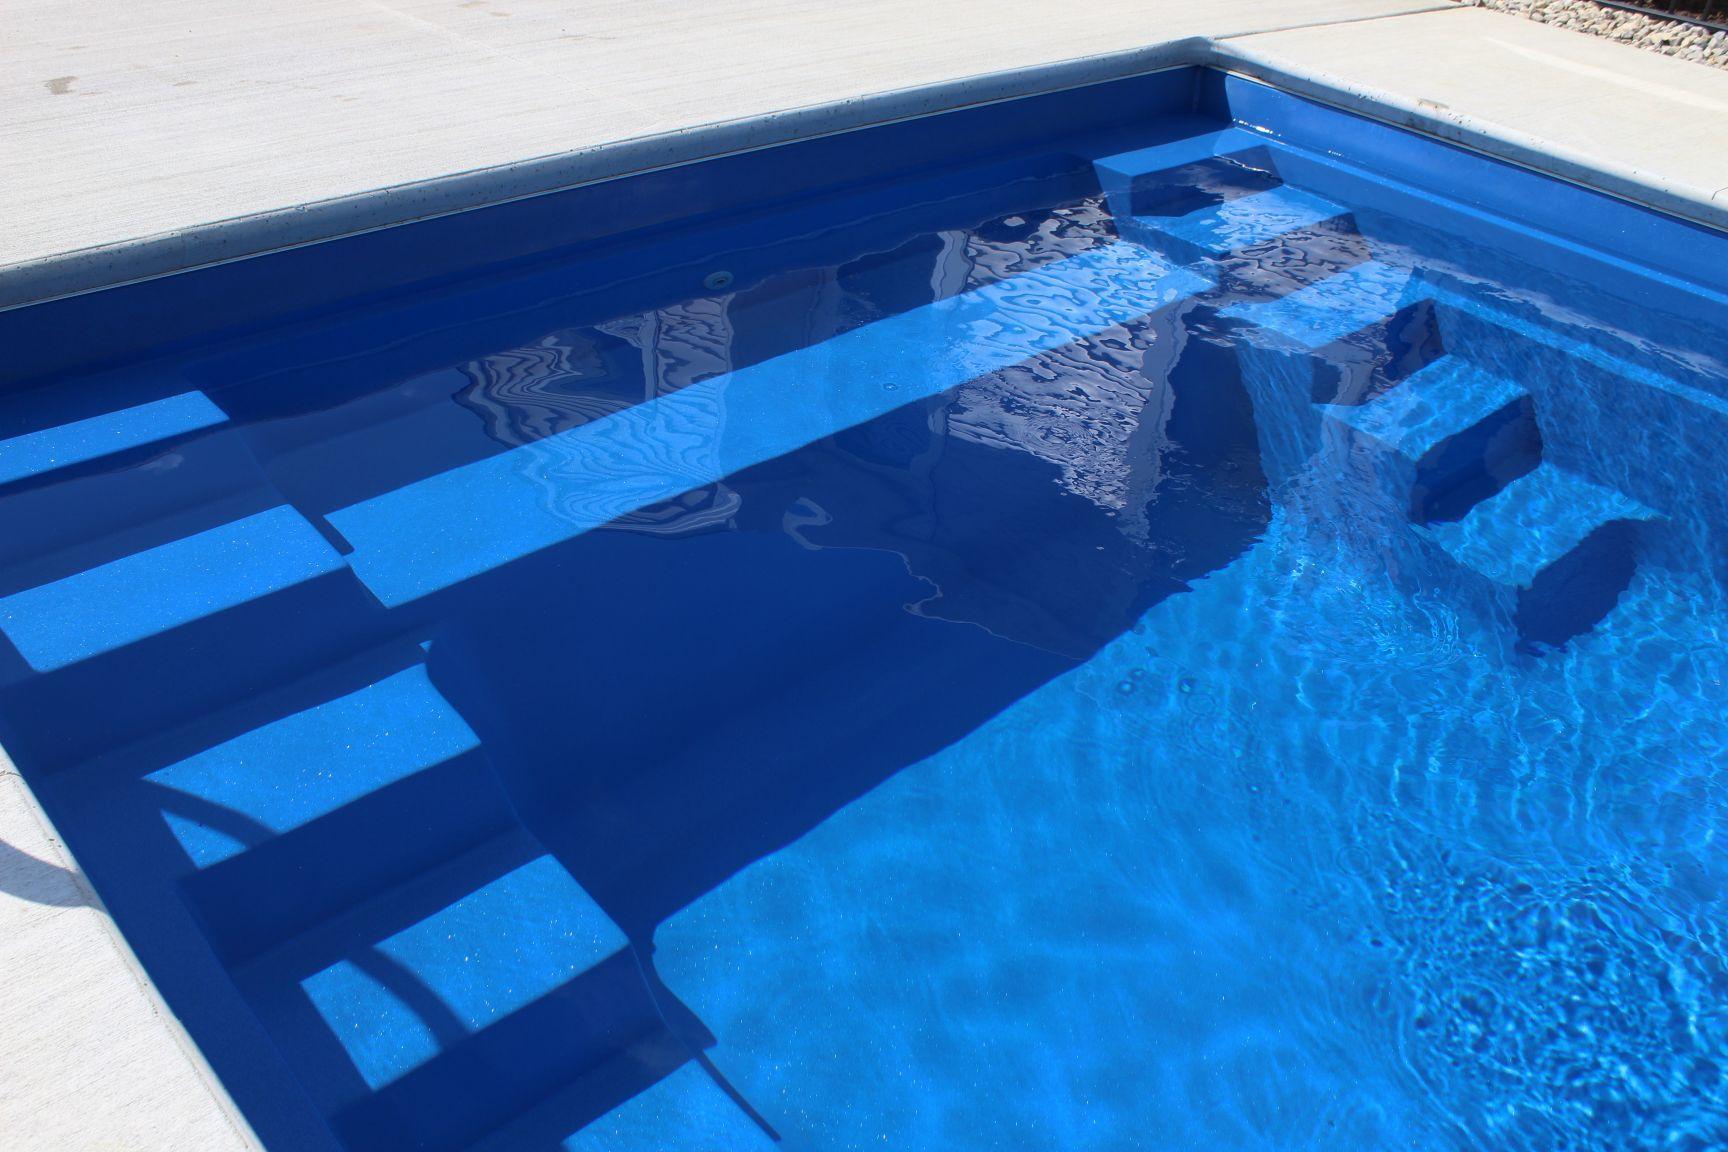 Imagine Pools Freedom 26 Ocean Blue 2018-0628 OH 6.jpg